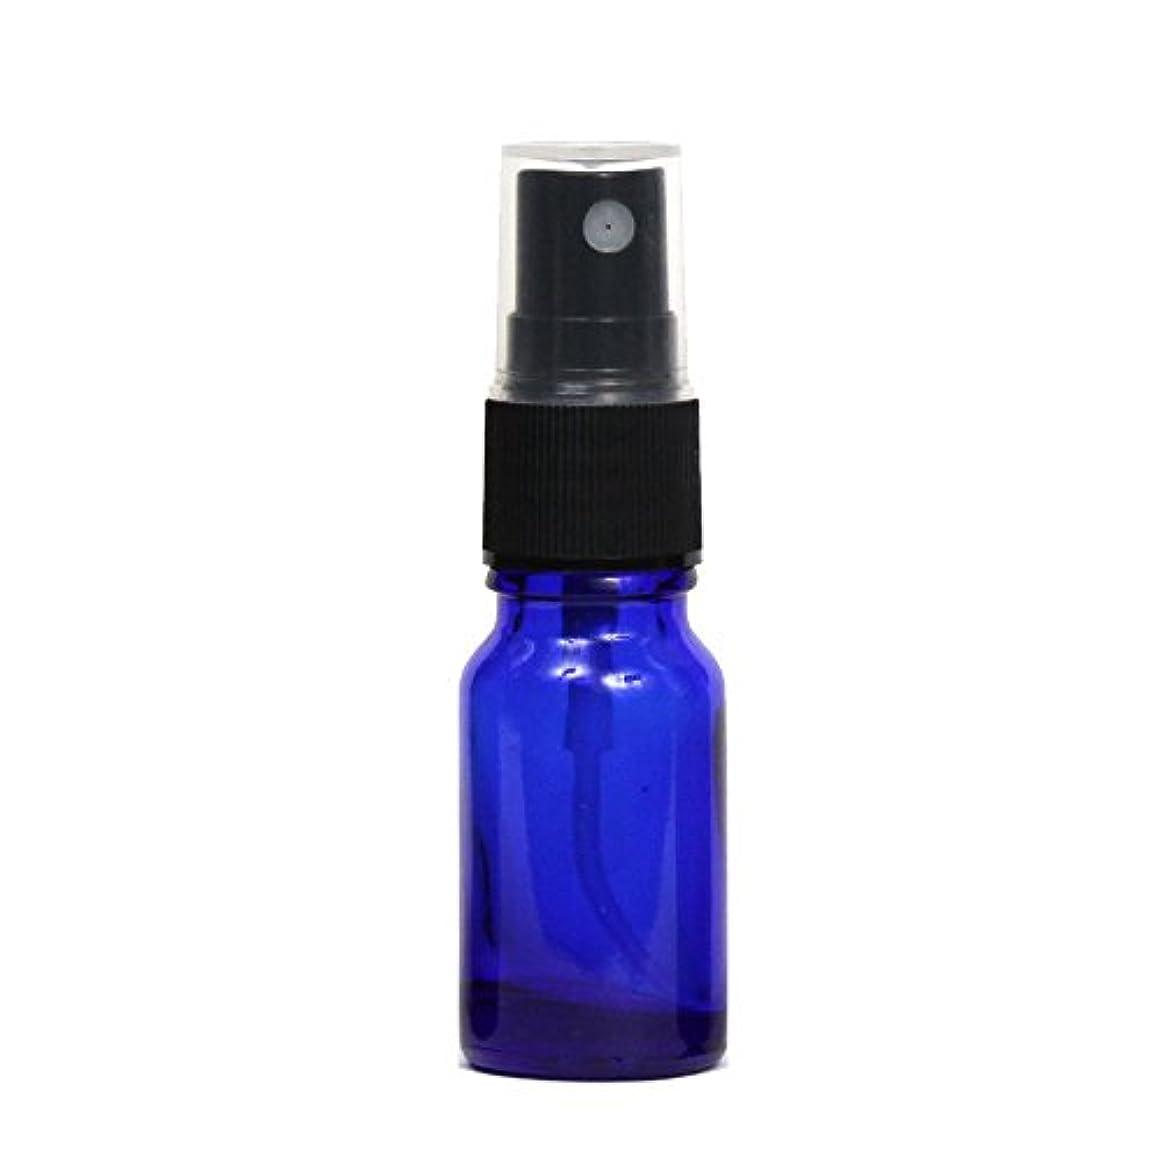 視聴者服を着る長いですスプレーボトル ガラス瓶 10mL 遮光性ブルー ガラスアトマイザー 空容器